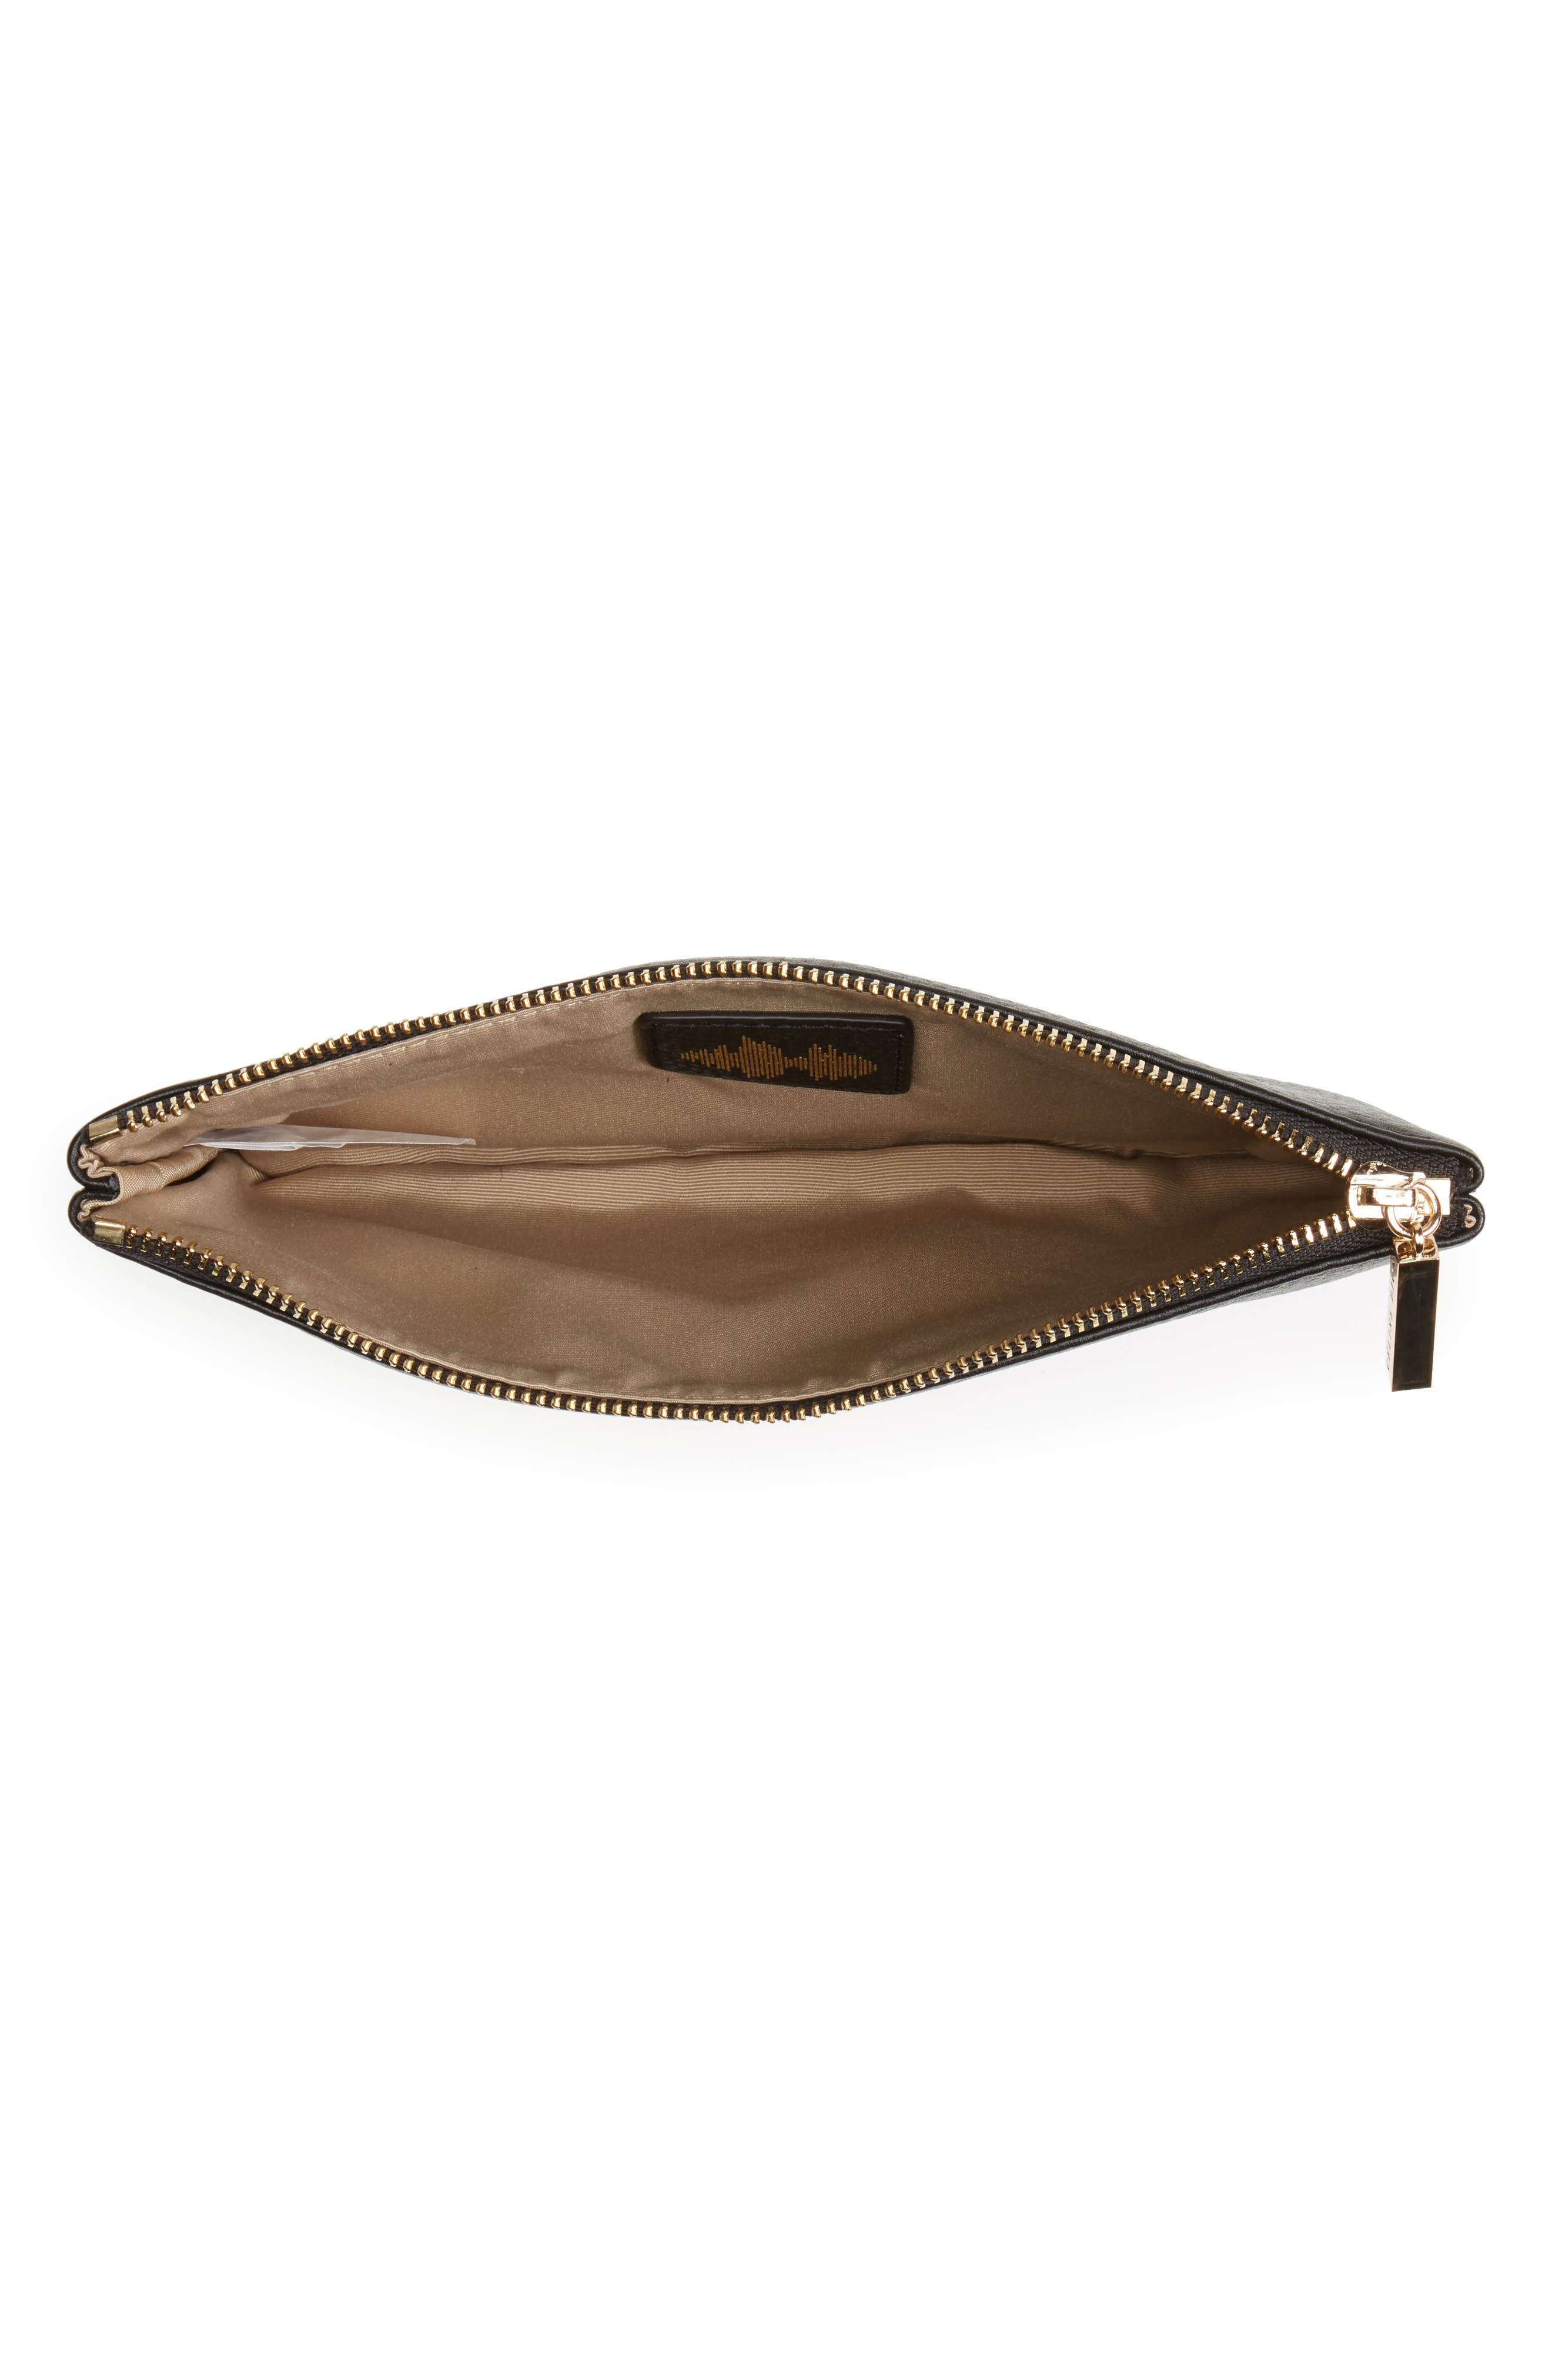 Céline Dion Adagio Leather Zip Pouch,                             Alternate thumbnail 2, color,                             001